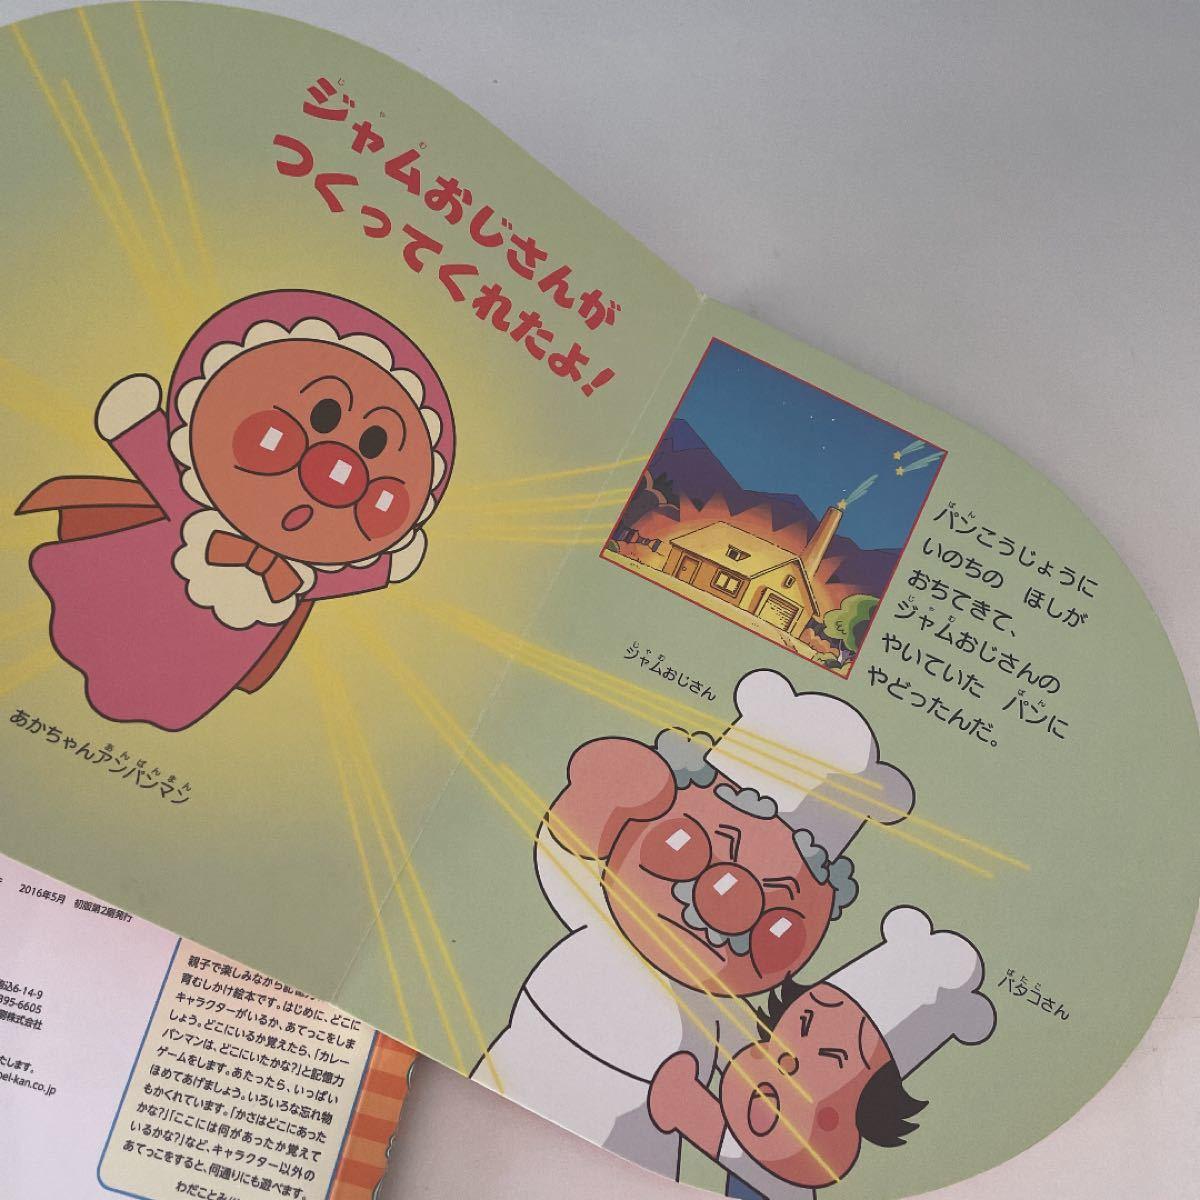 ぼく、アンパンマン! アンパンマン 絵本2冊セット アンパンマン絵本 知育絵本